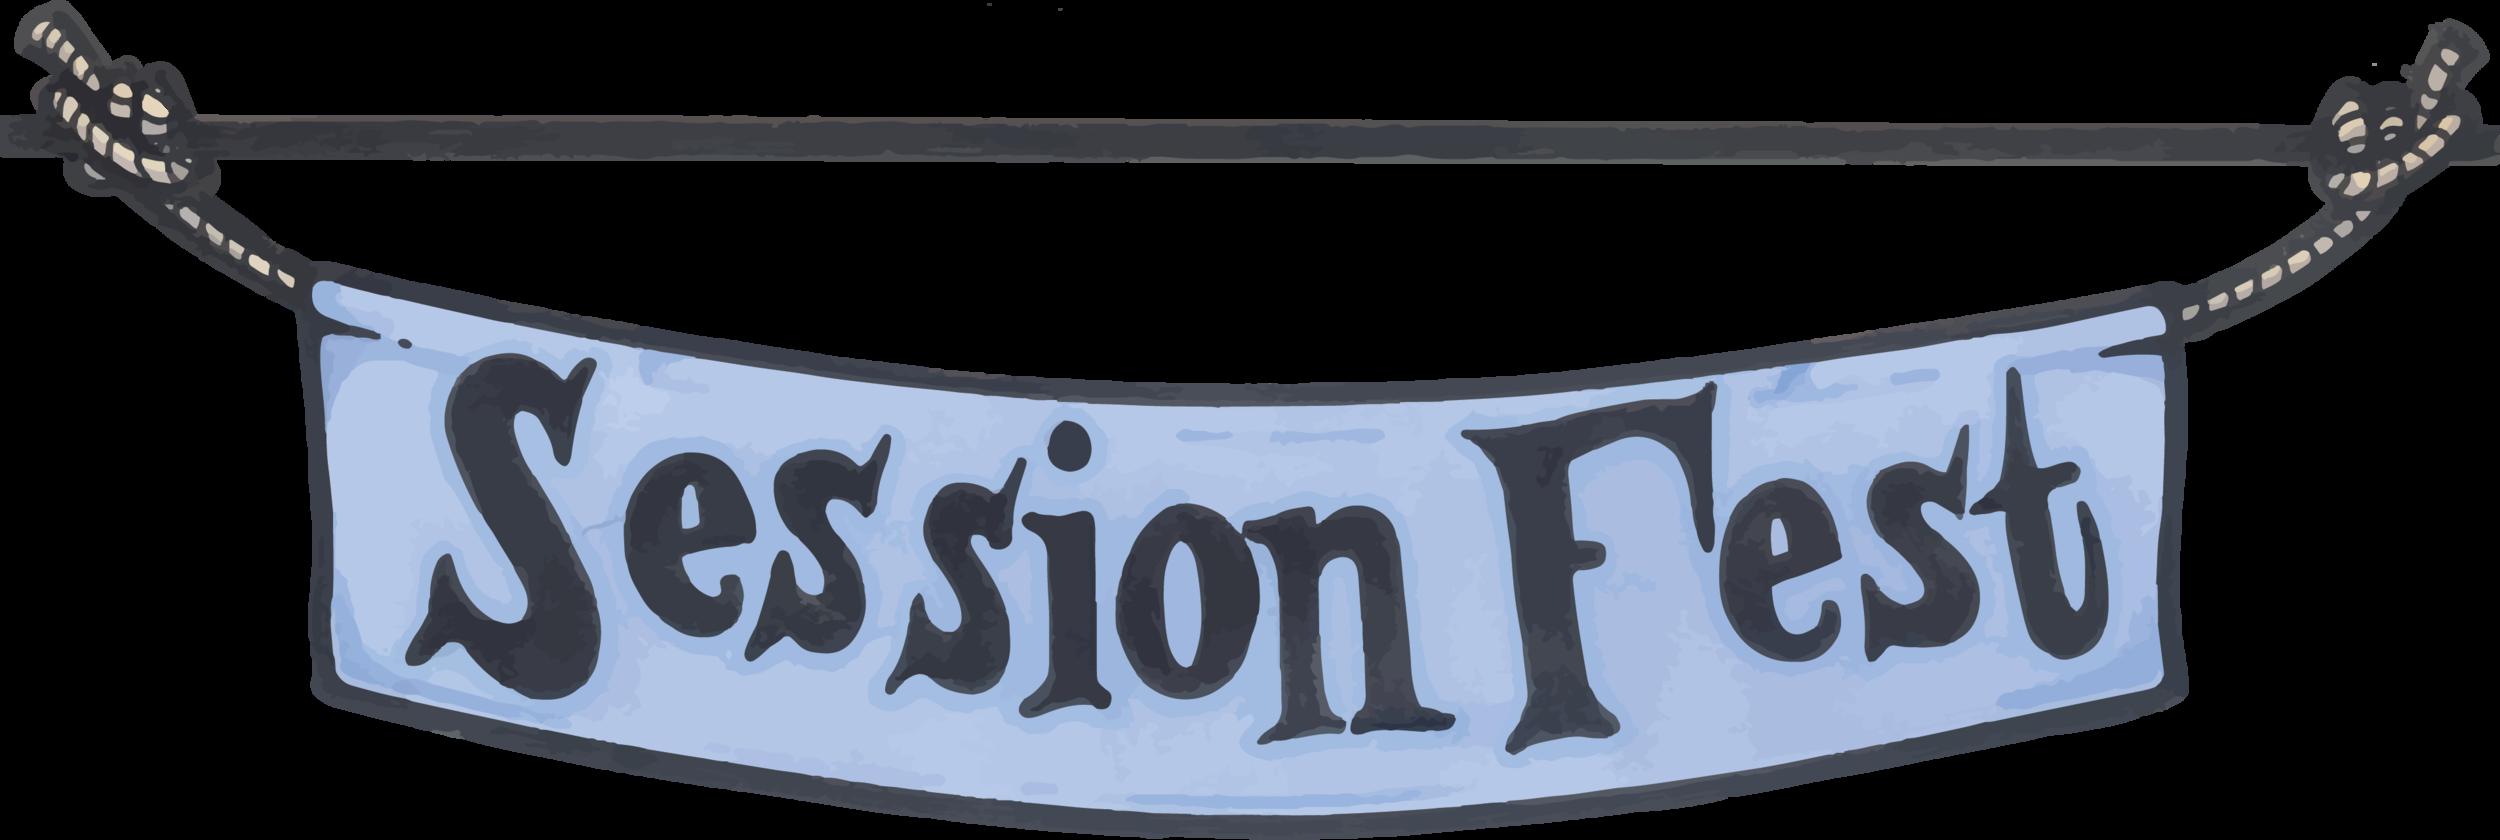 Session Fest Banner (1).png